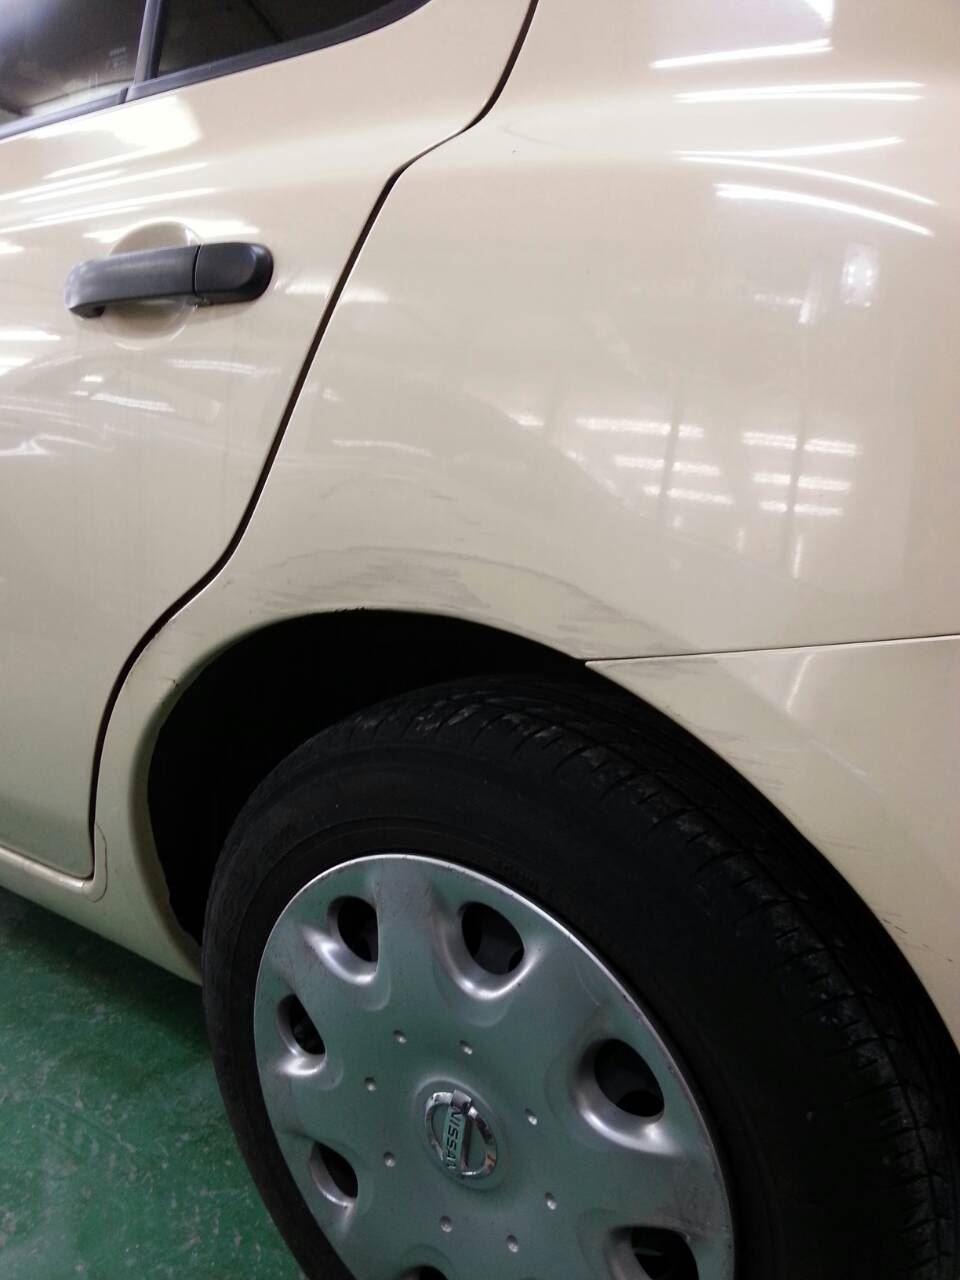 東京都立川市の車の板金塗装修理工場 ガレージローライドの日産 マーチ 左側面のキズ へこみ の板金 修理 塗装 です。